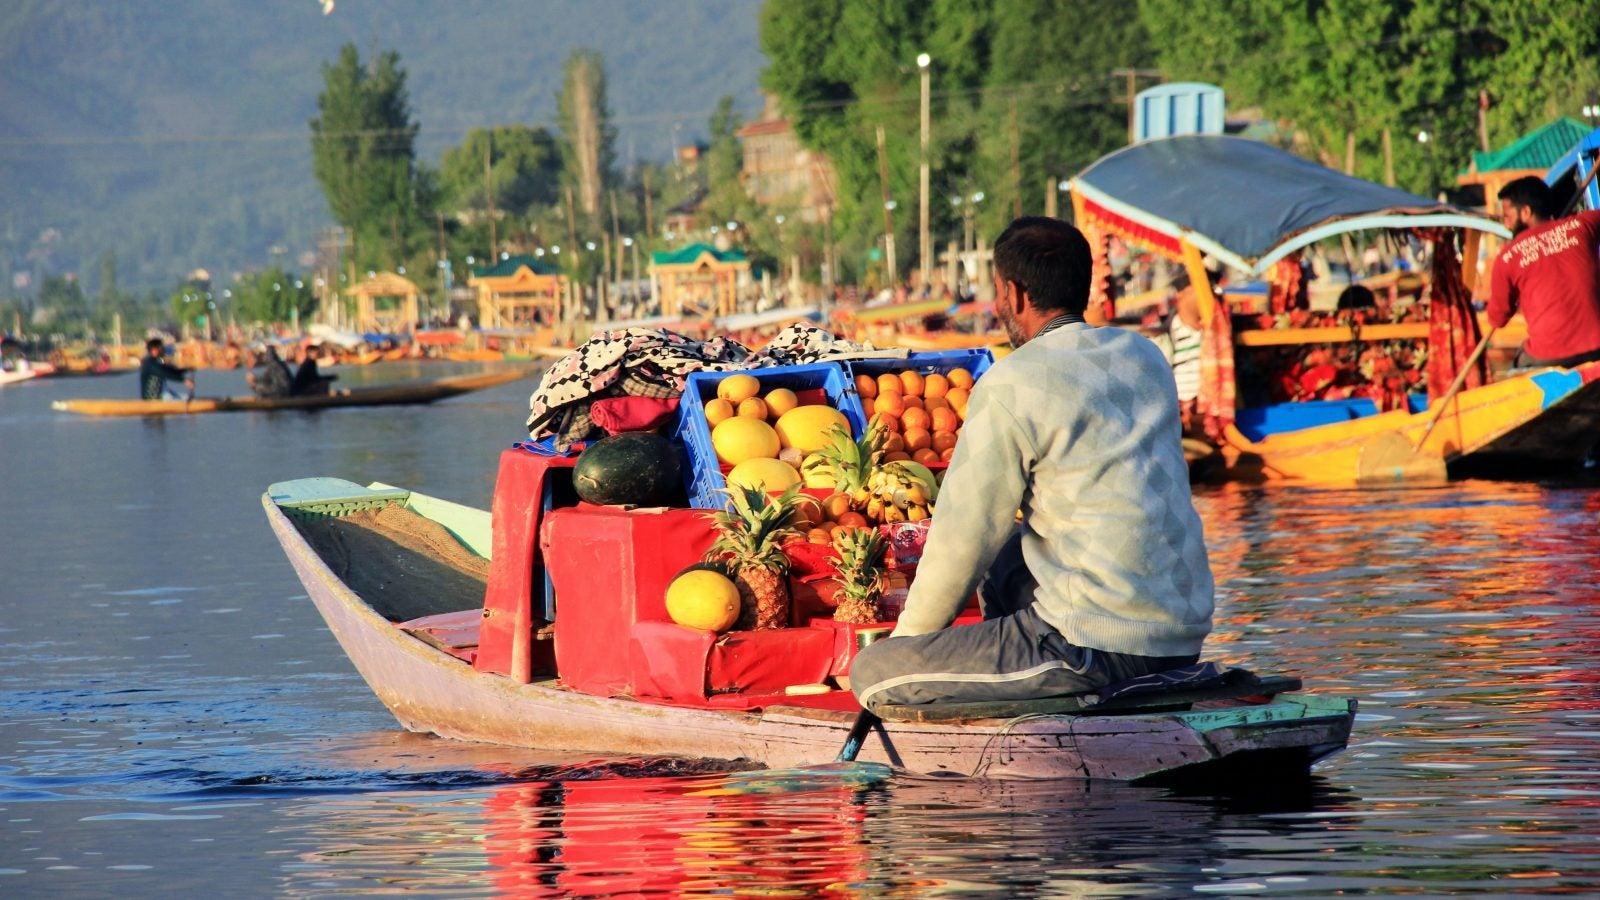 Man delivers fruit on a boat in Kashmir